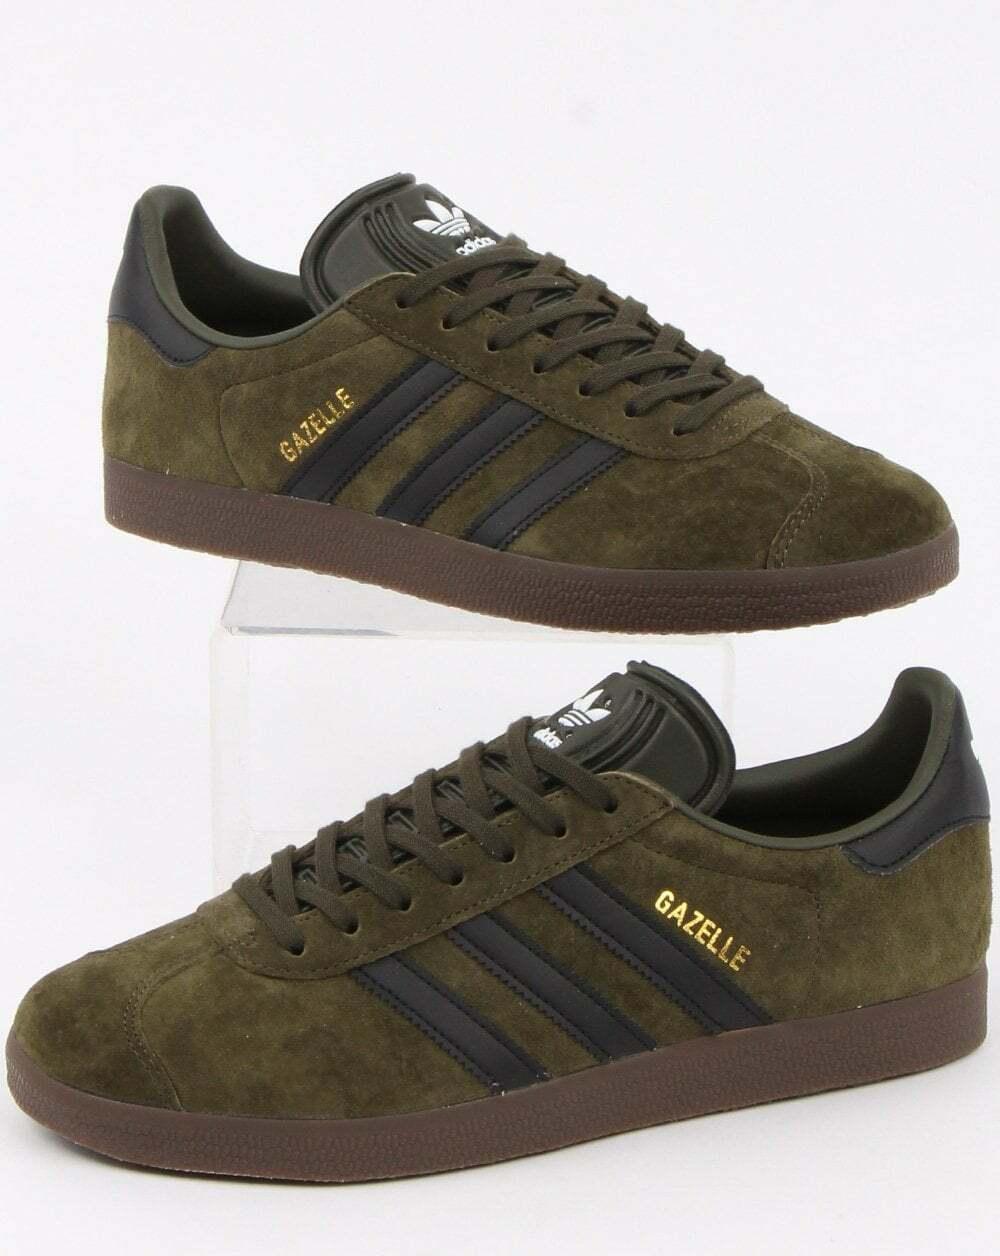 contrabando Desempacando ventaja  adidas Originals Nizza Lo Remo Trainers in Black Black UK 10 for sale | eBay